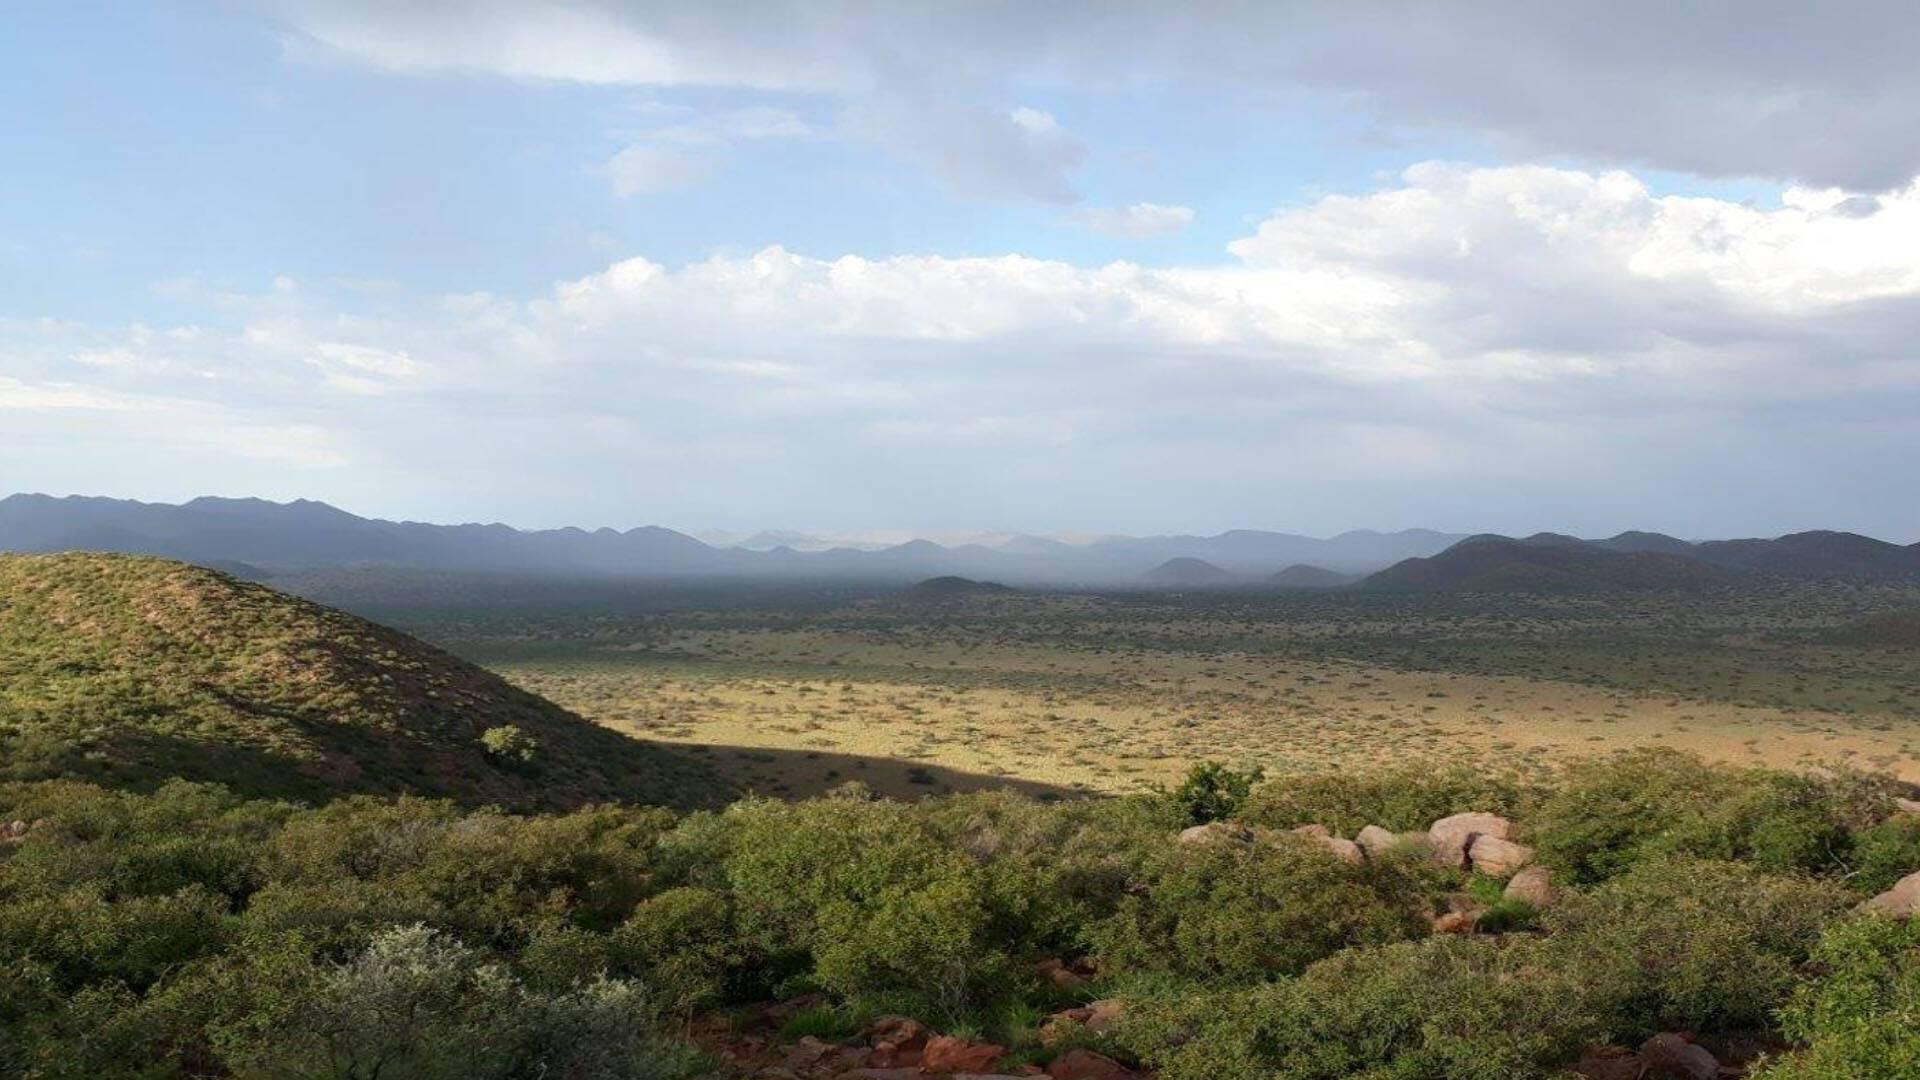 Tswalu Reserve Motse Afrique Sud Landscape